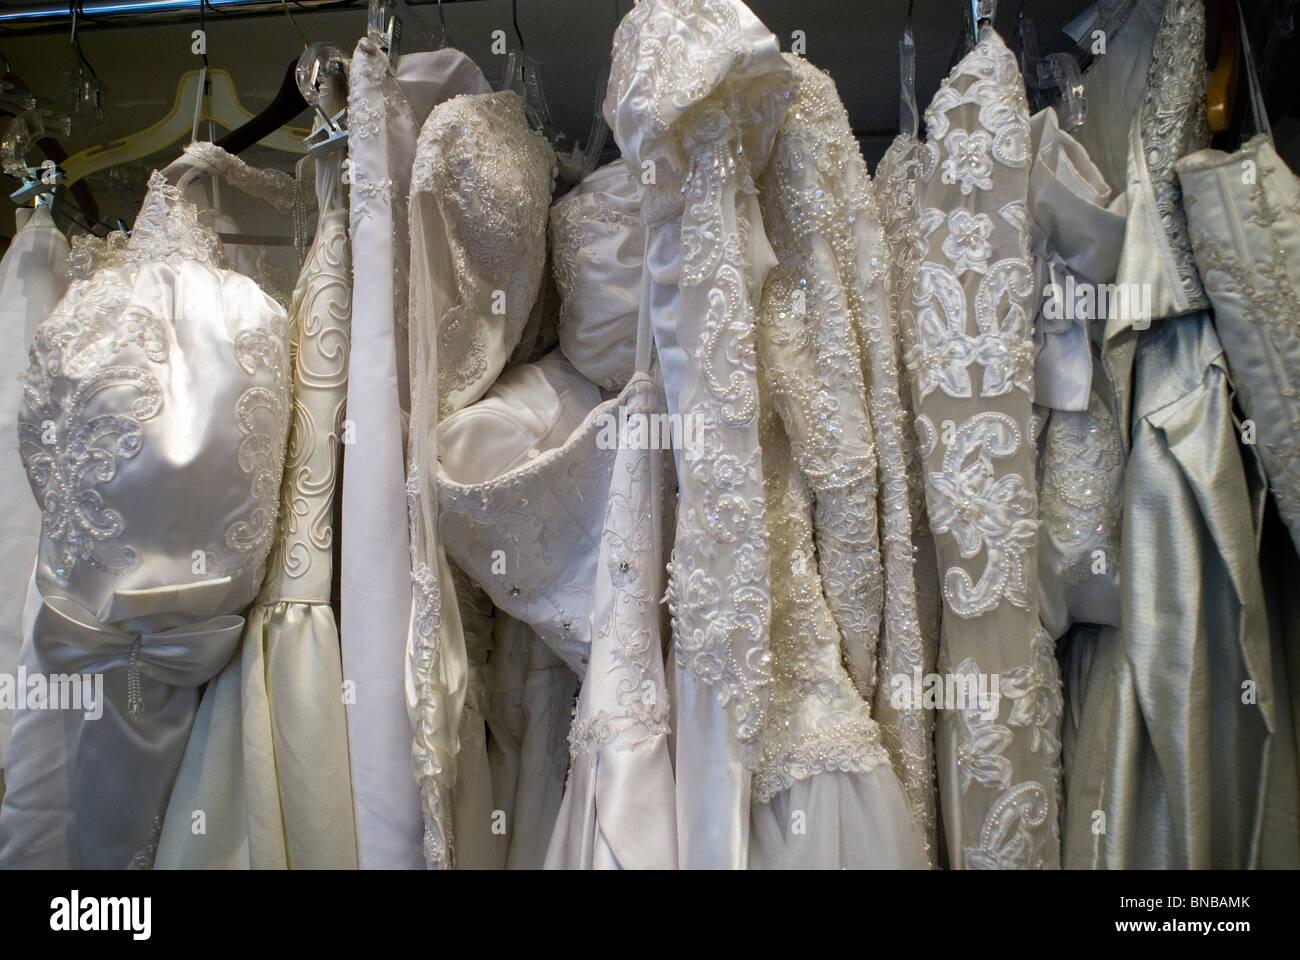 Ungewöhnlich Laden Brautkleid Fotos - Brautkleider Ideen - cashingy.info